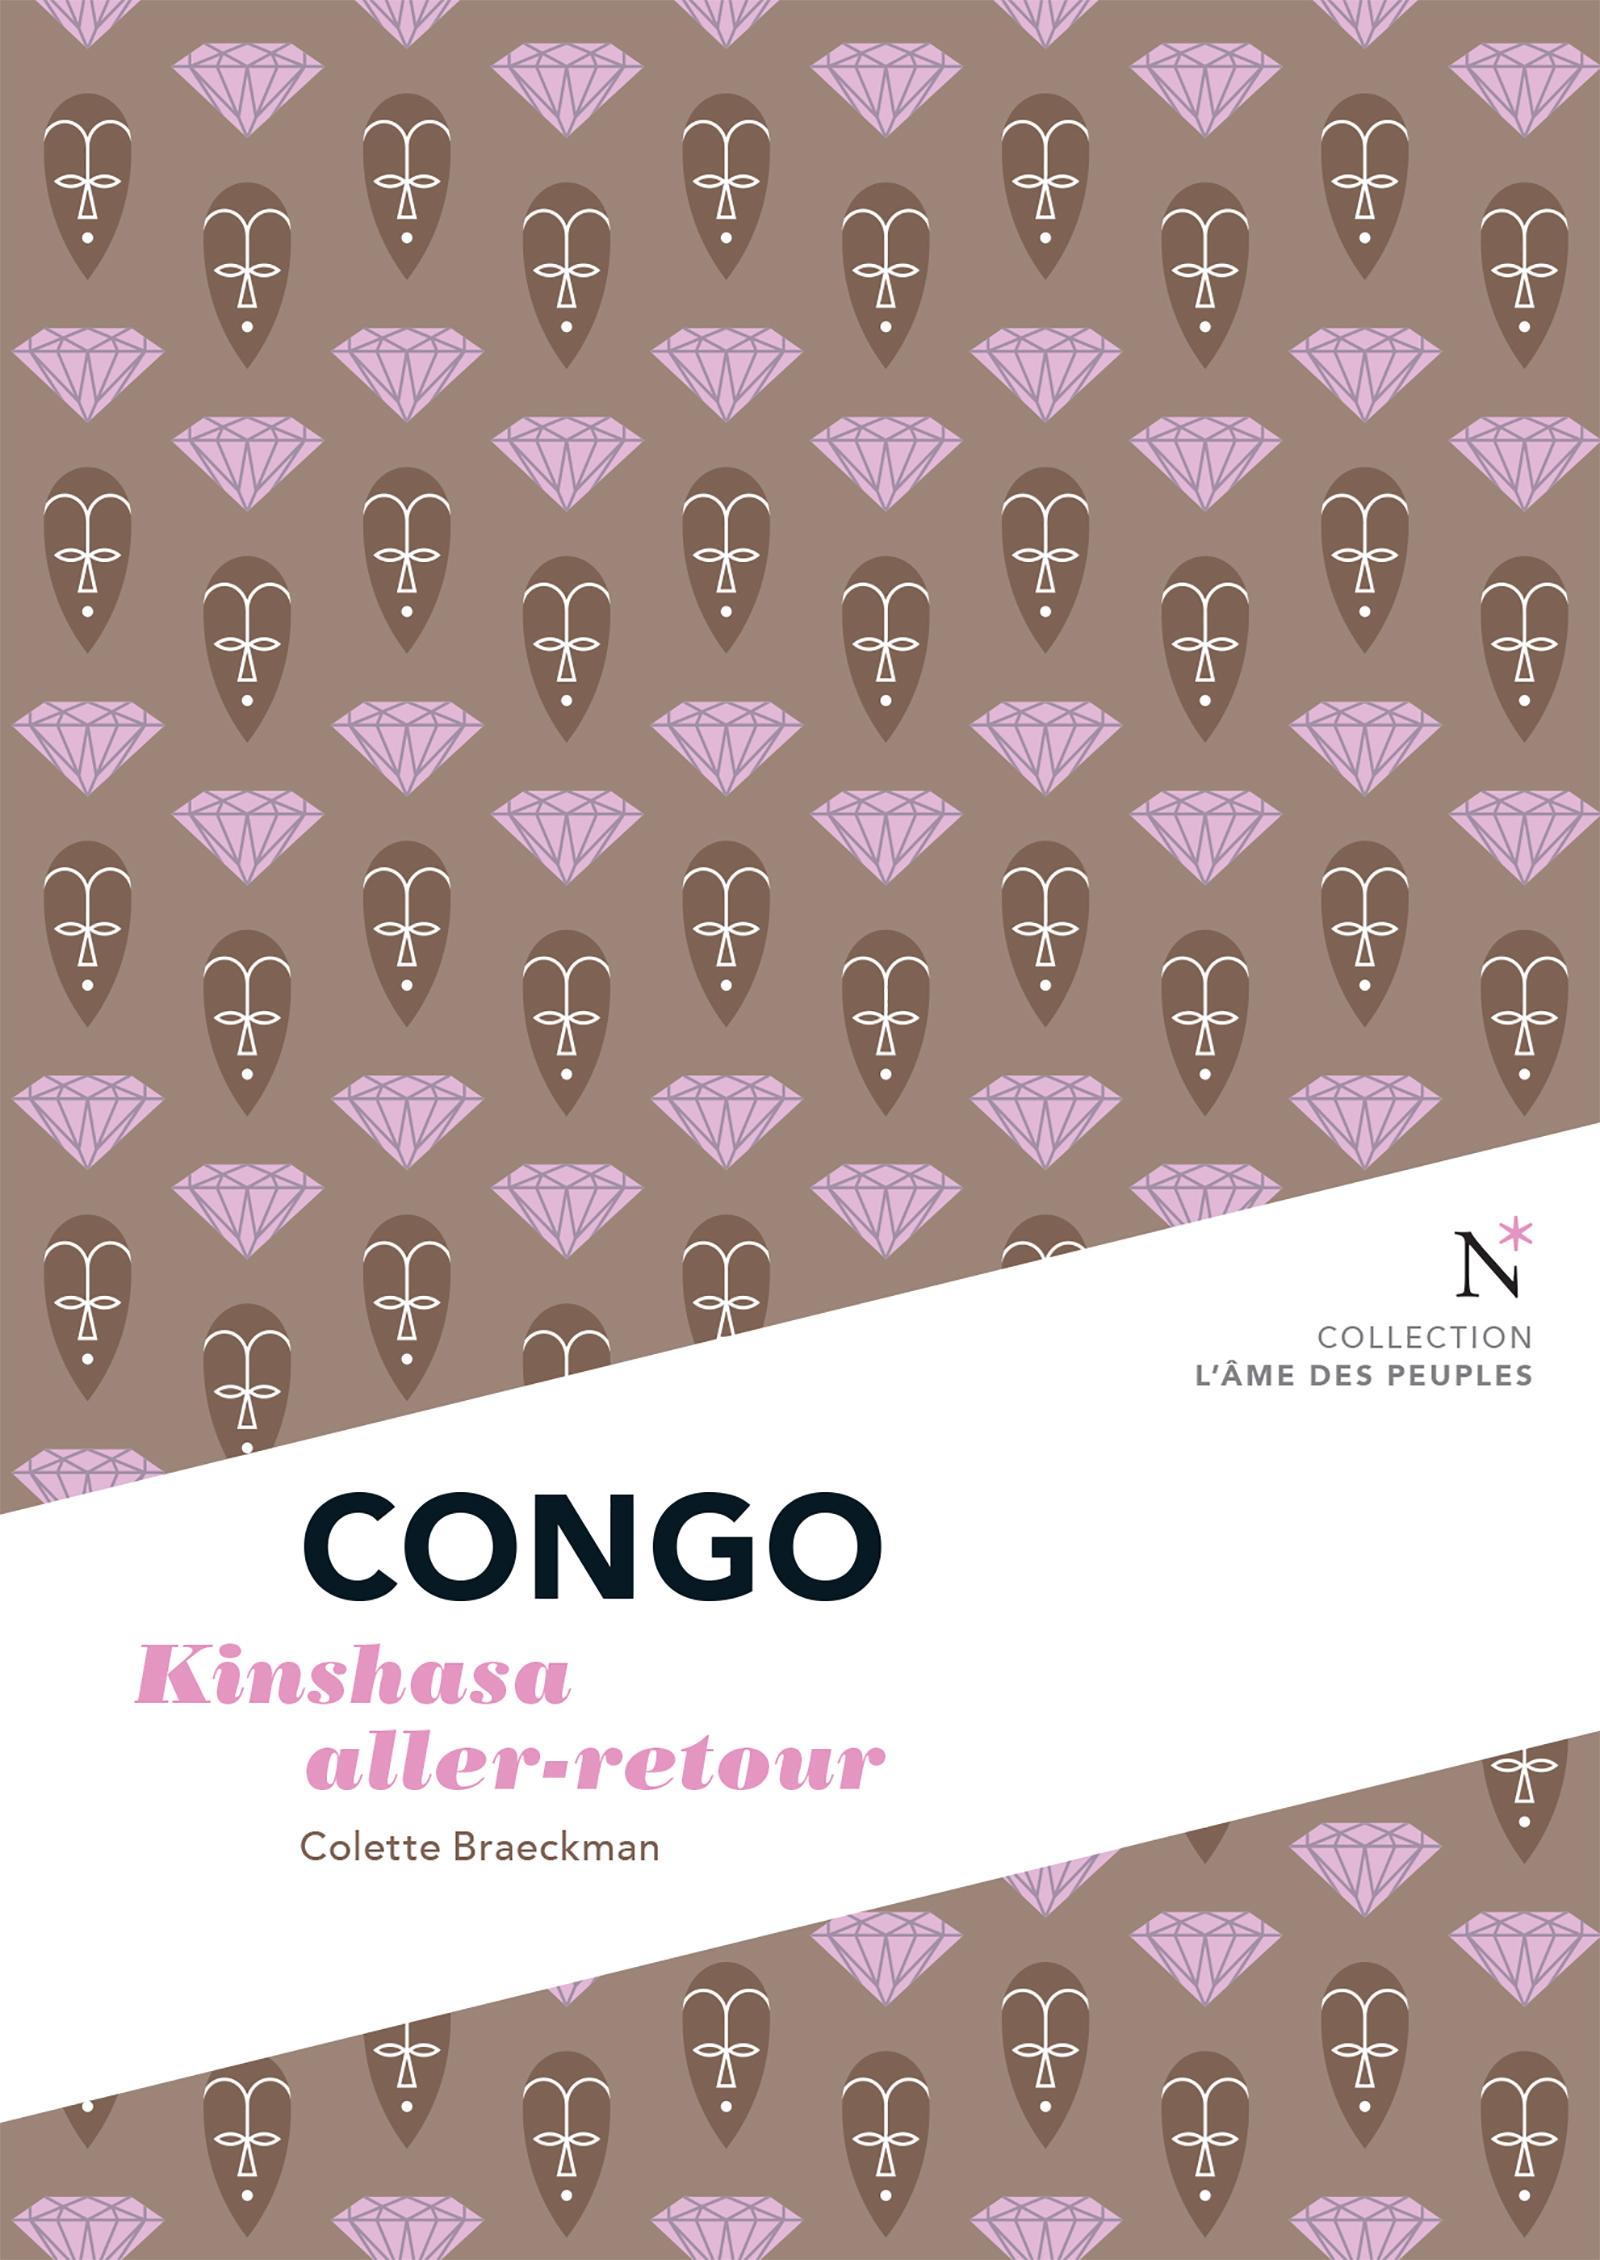 Congo : Kinshasa aller-retour